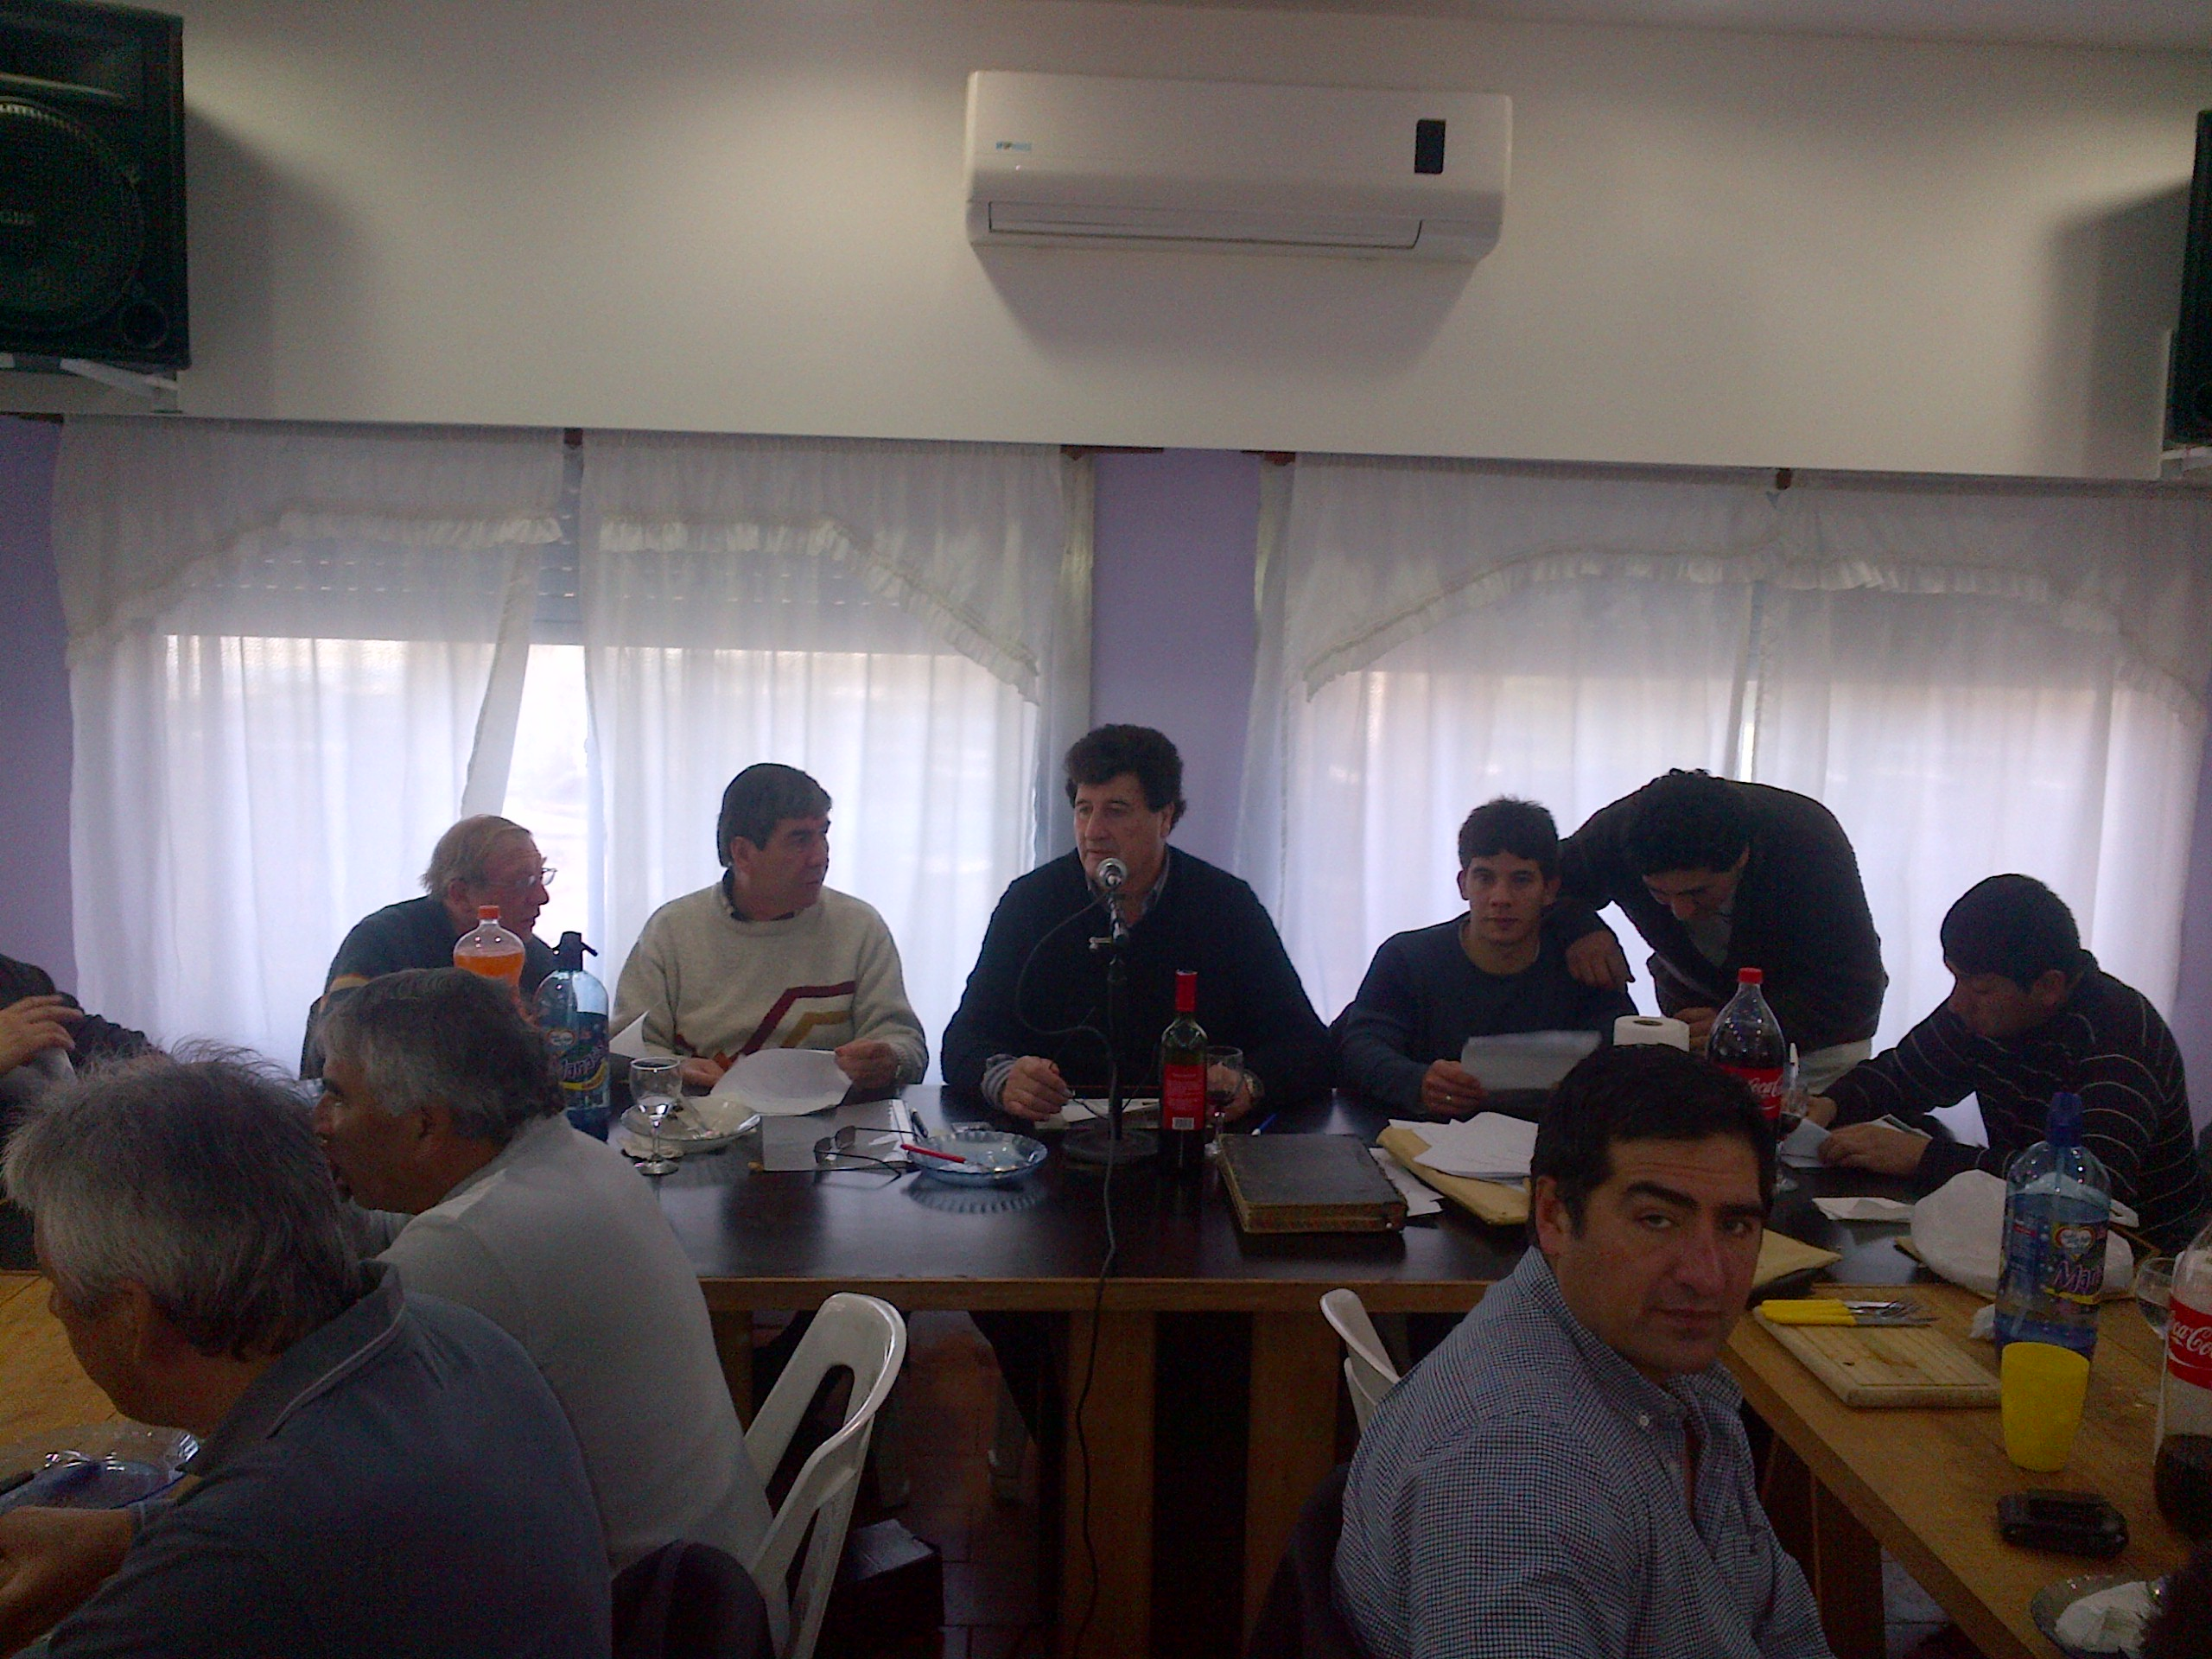 7-_los_compañeros_de_la_comisión_leyendo_memoria_y_balance.jpg